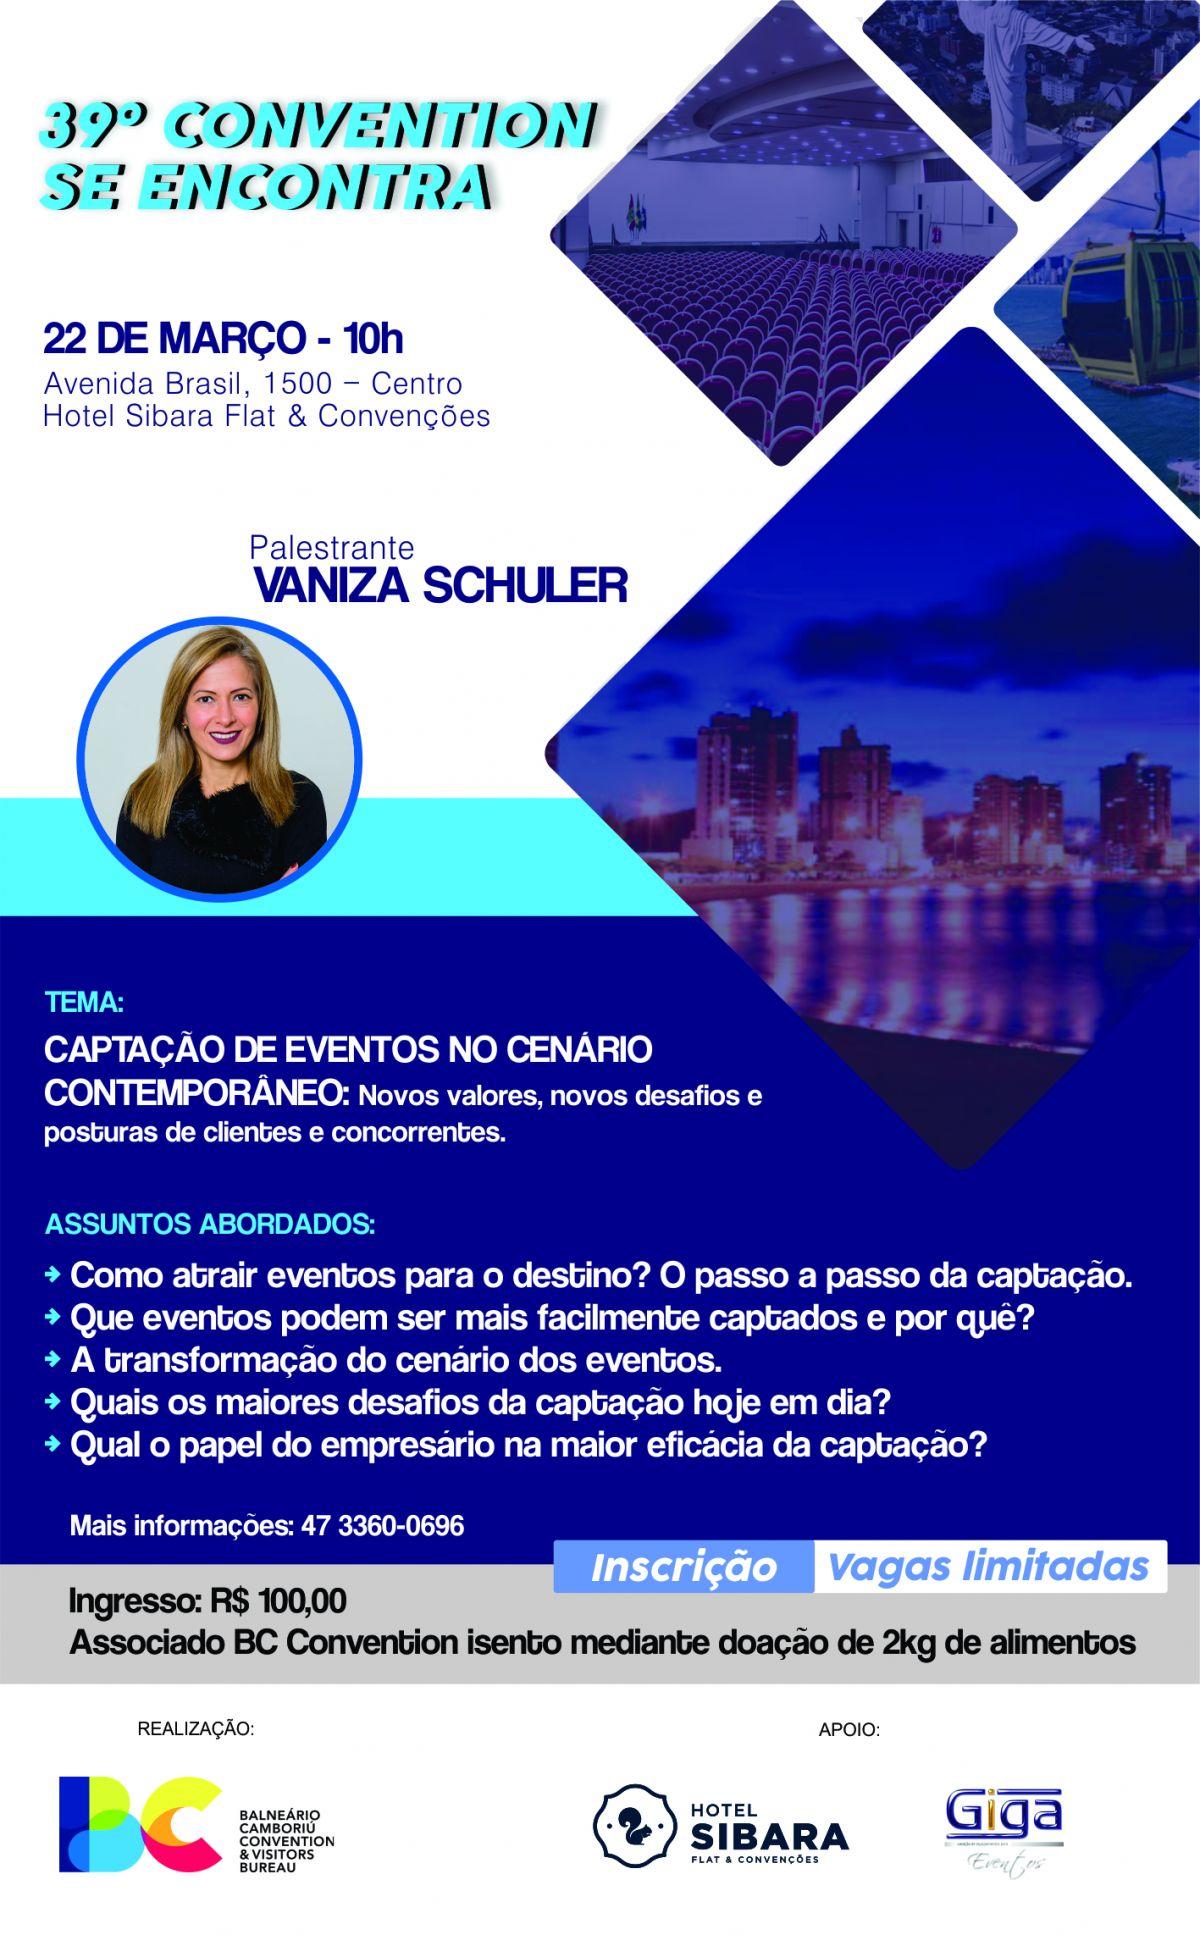 39º CONVENTION SE ENCONTRA